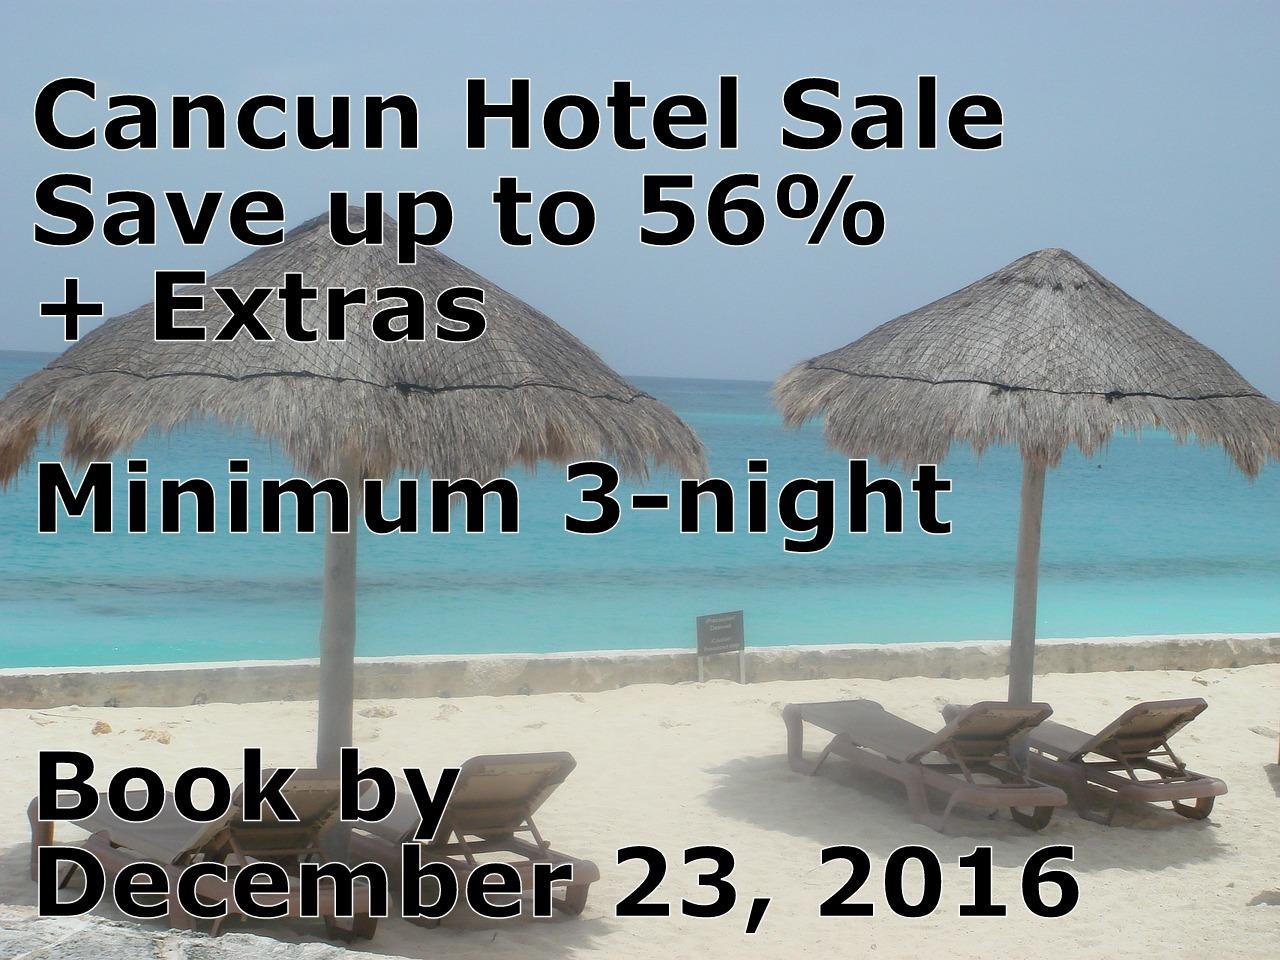 Cancun Hotel Sale